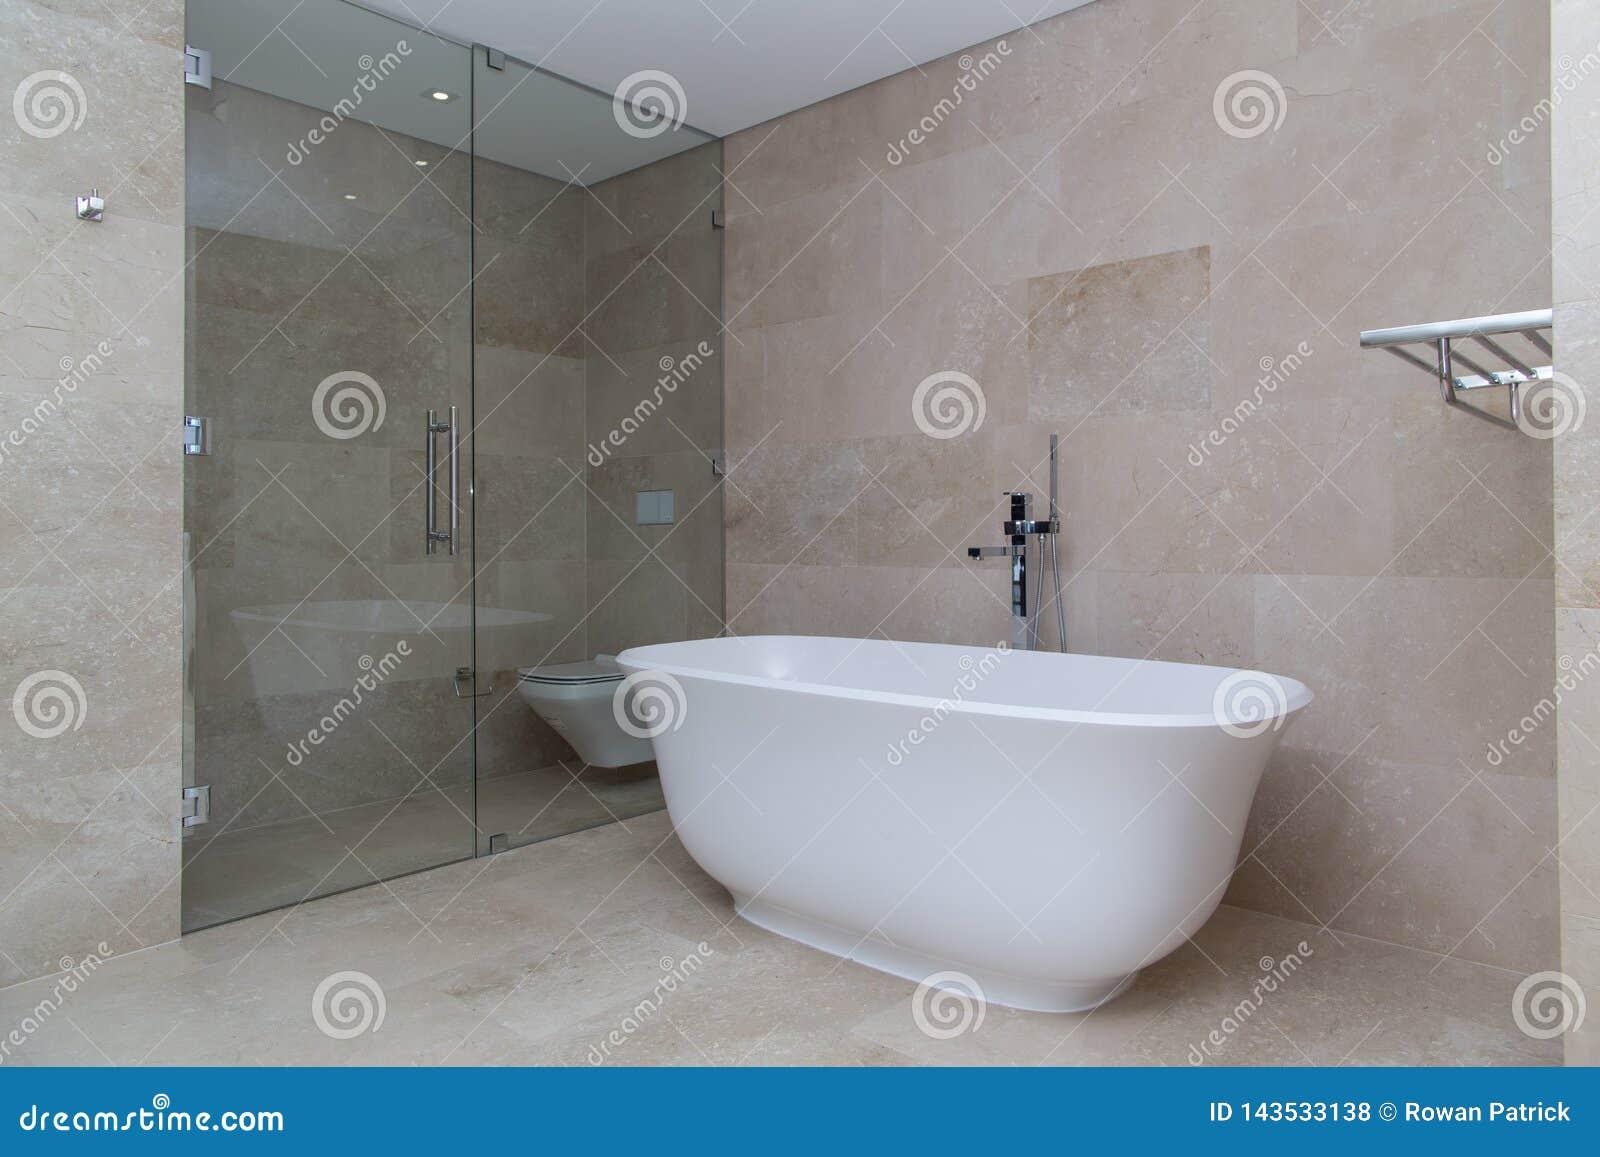 Best Salle De Bain Luxe Beige